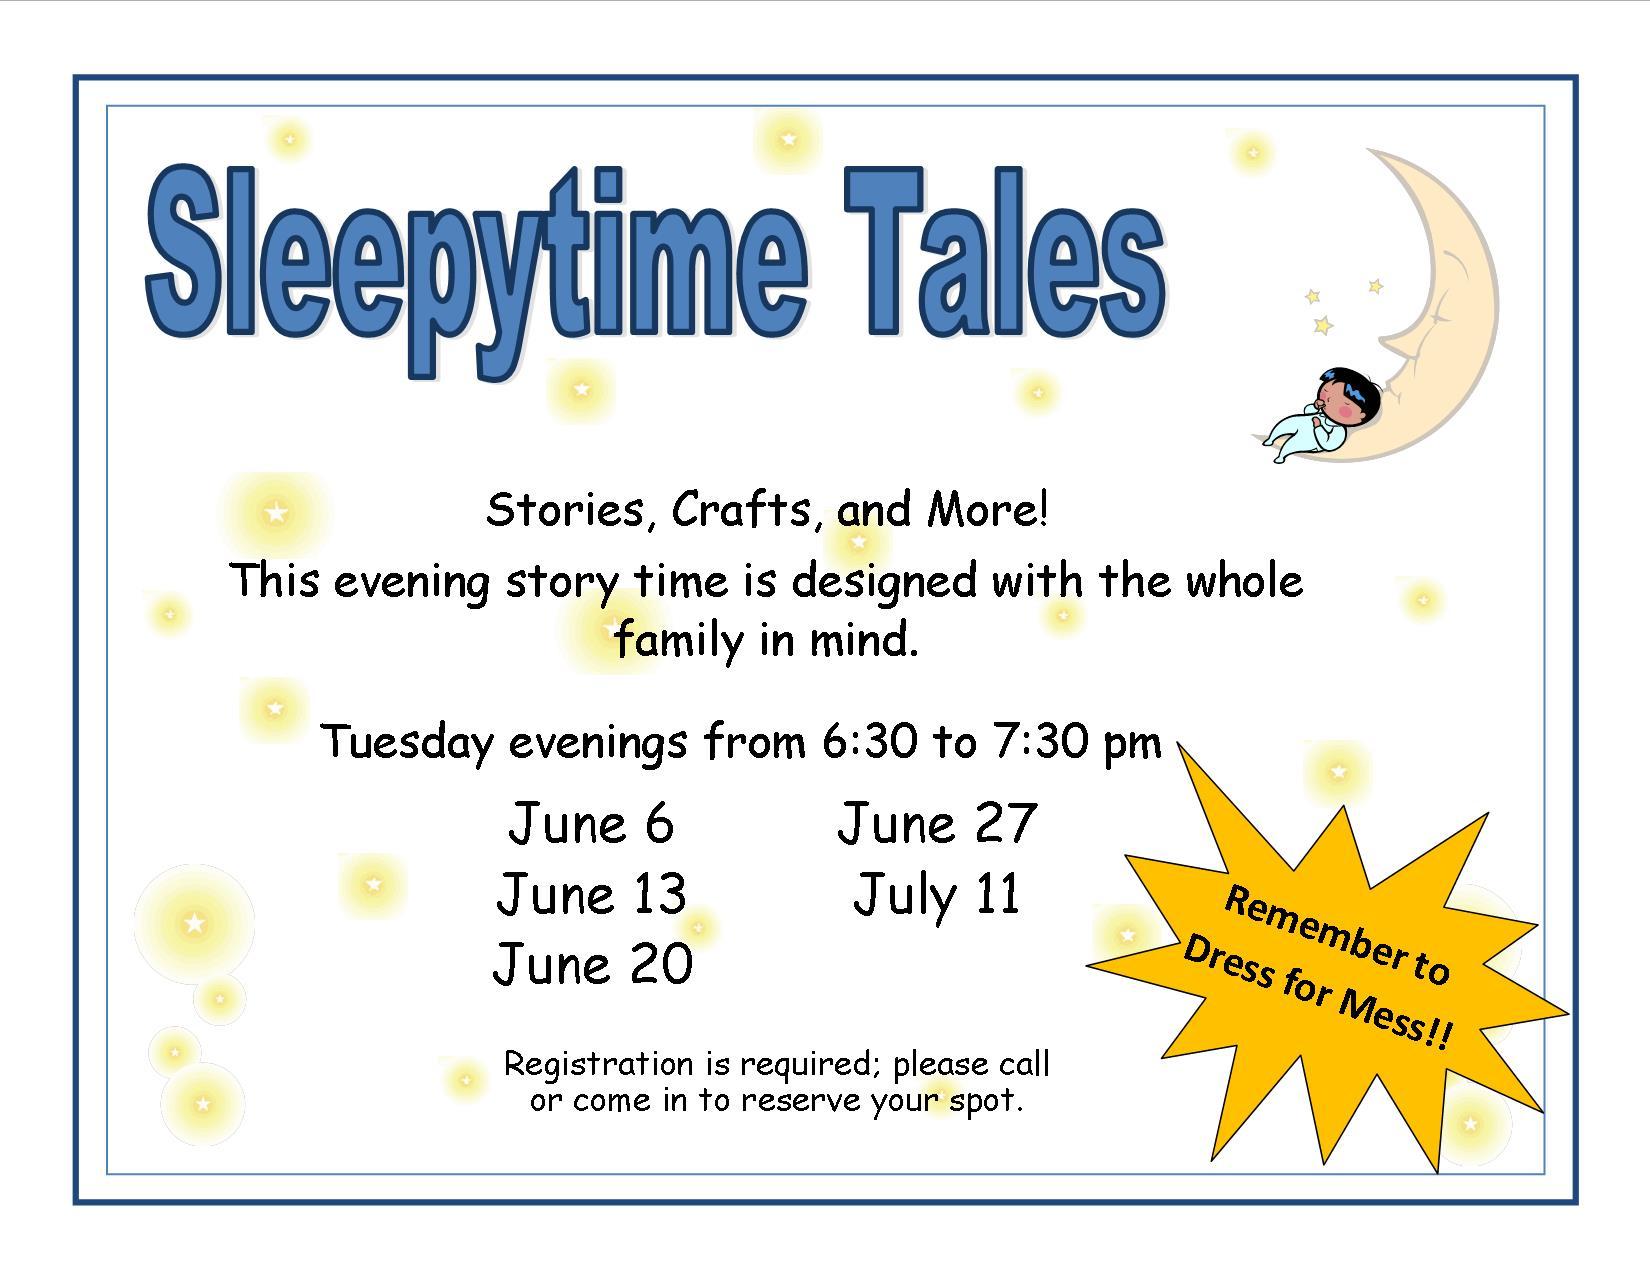 Sleepytime Tales Summer 2017.jpg